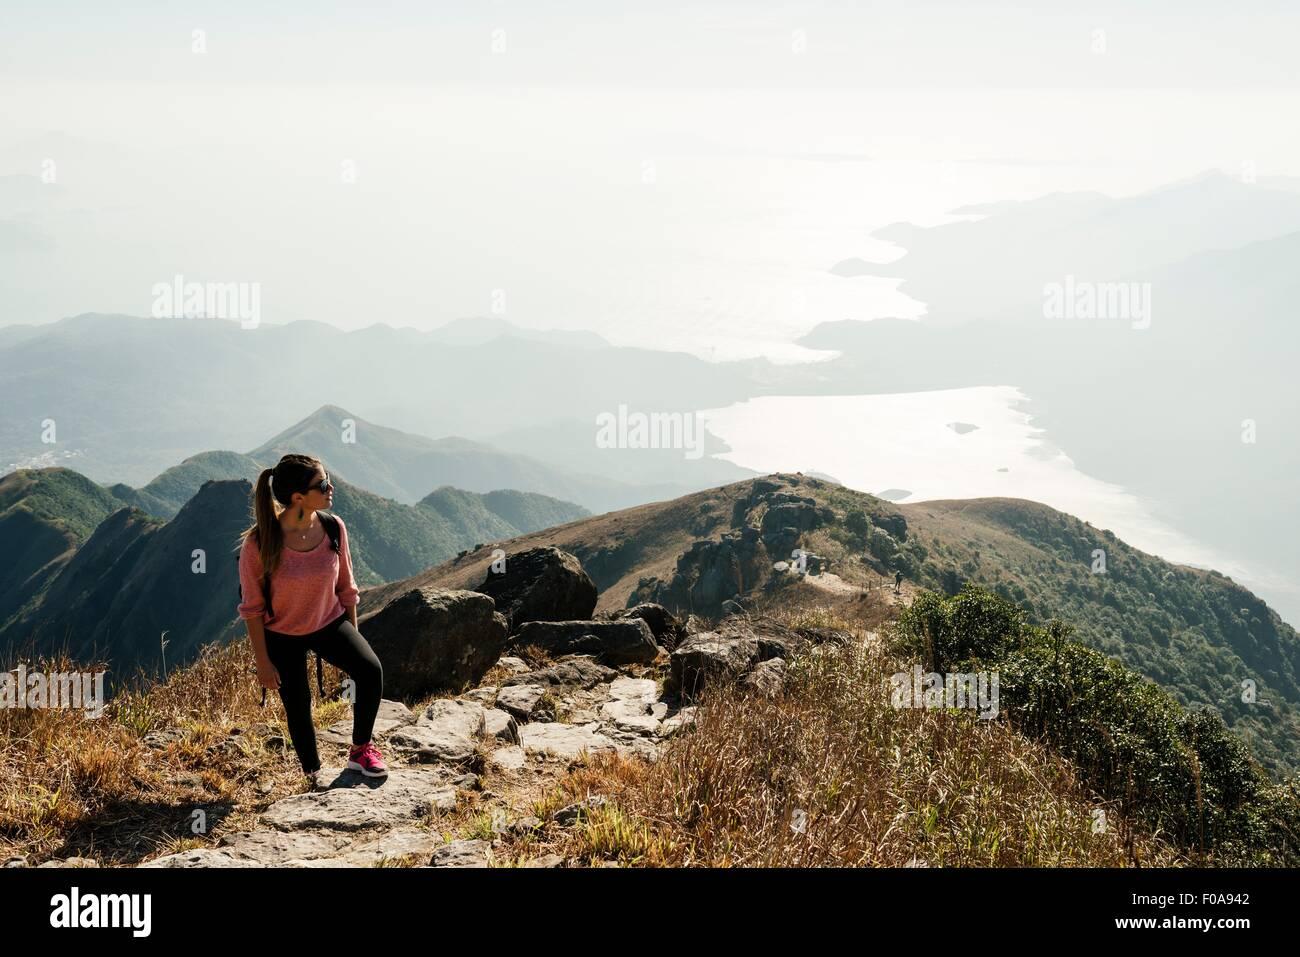 Mujer joven excursionista en Lantau Peak apartar la mirada, la isla de Lantau, Hong Kong, China Imagen De Stock